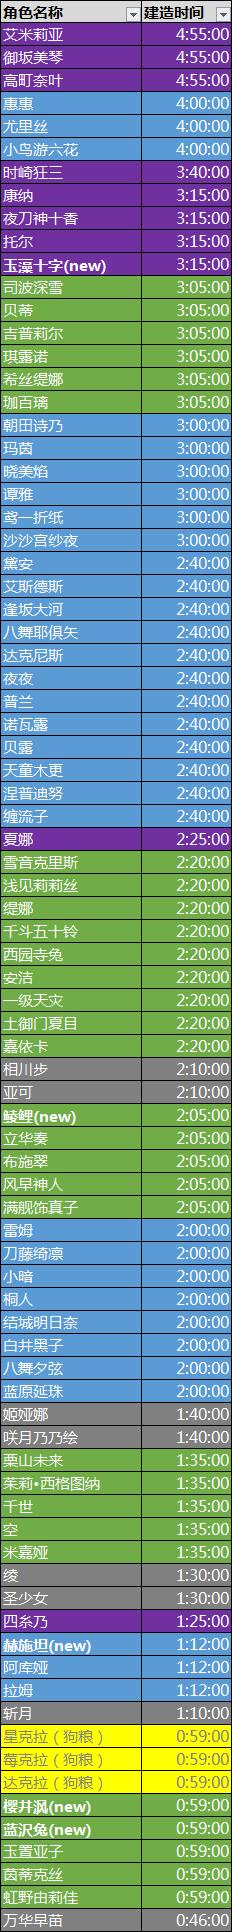 建造时间表.png